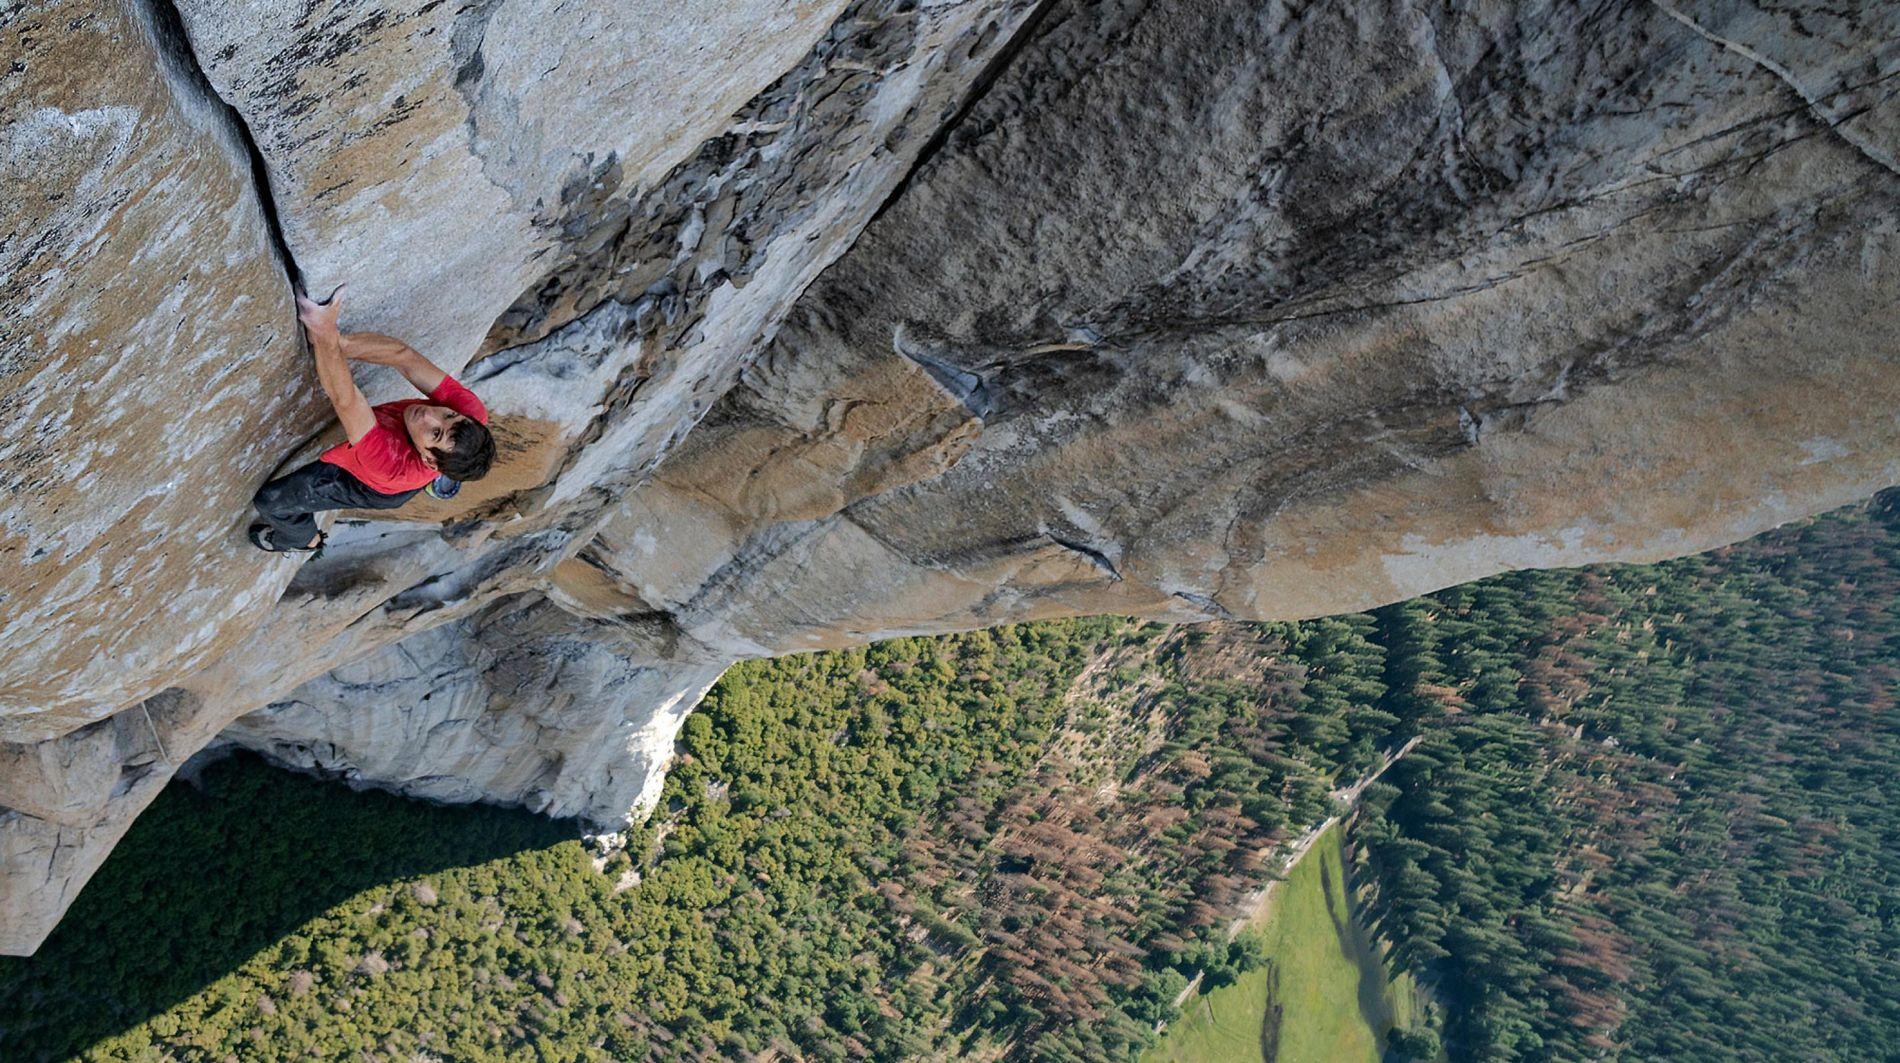 Com o Vale Yosemite, na Califórnia, bem abaixo dele, Alex Honnold avança na escalada solo – ou seja, sem cordas ou equipamentos de segurança – na face sudoeste do El Capitan, com 900 metros. Foi a realização de um sonho de dez anos.